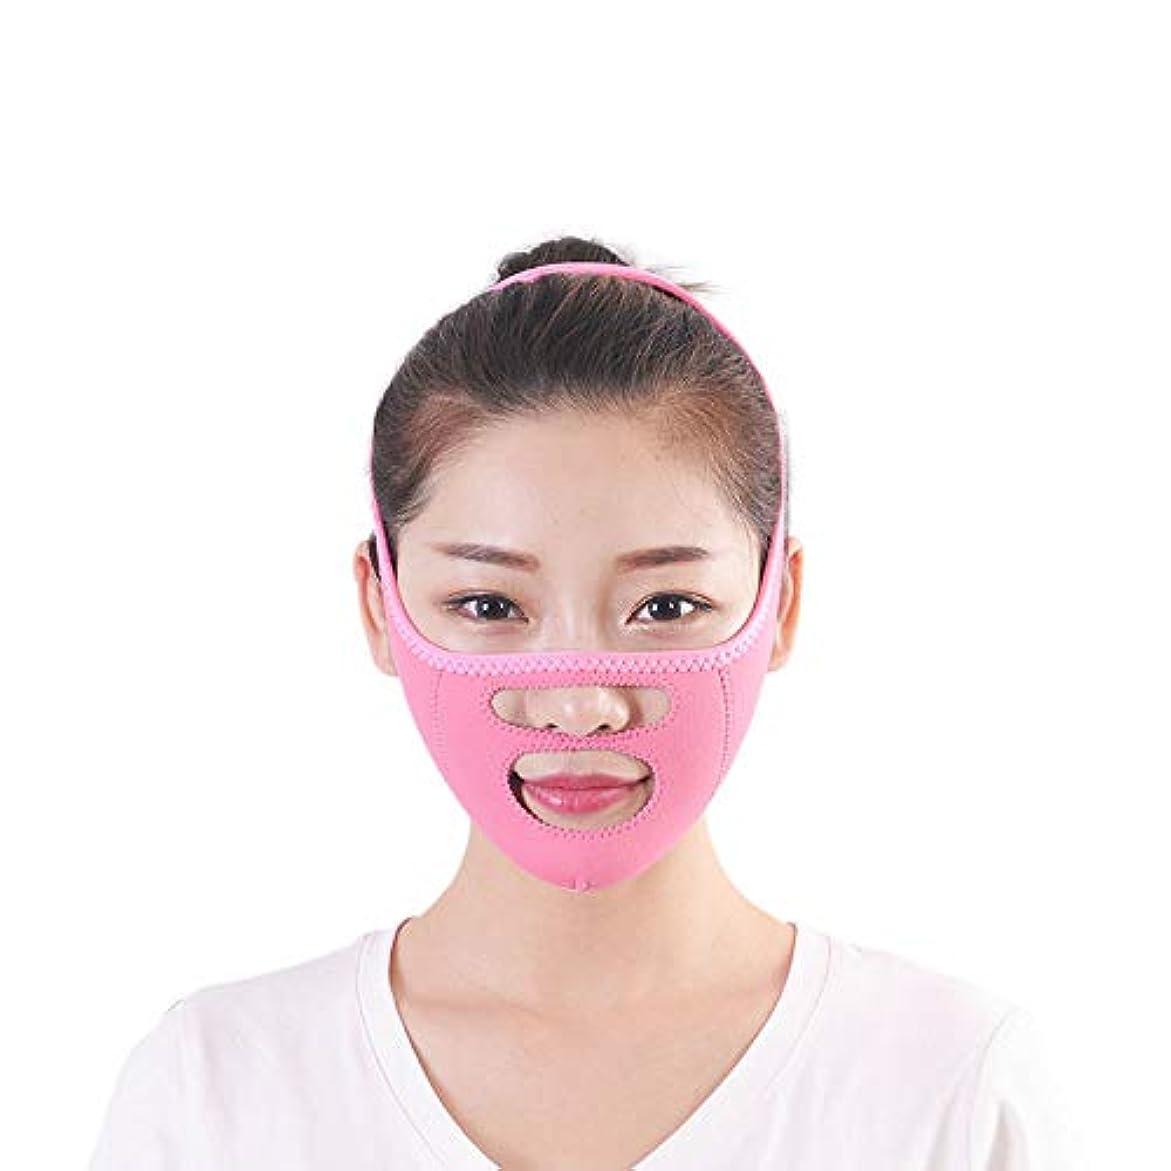 ほぼ休憩するの中で二重あごの顔の減量の緩和を改善するためのフェイスリフティングアーチファクトマスク、ビームフェイス包帯/小型Vフェイスリフティングタイト補正,Blue